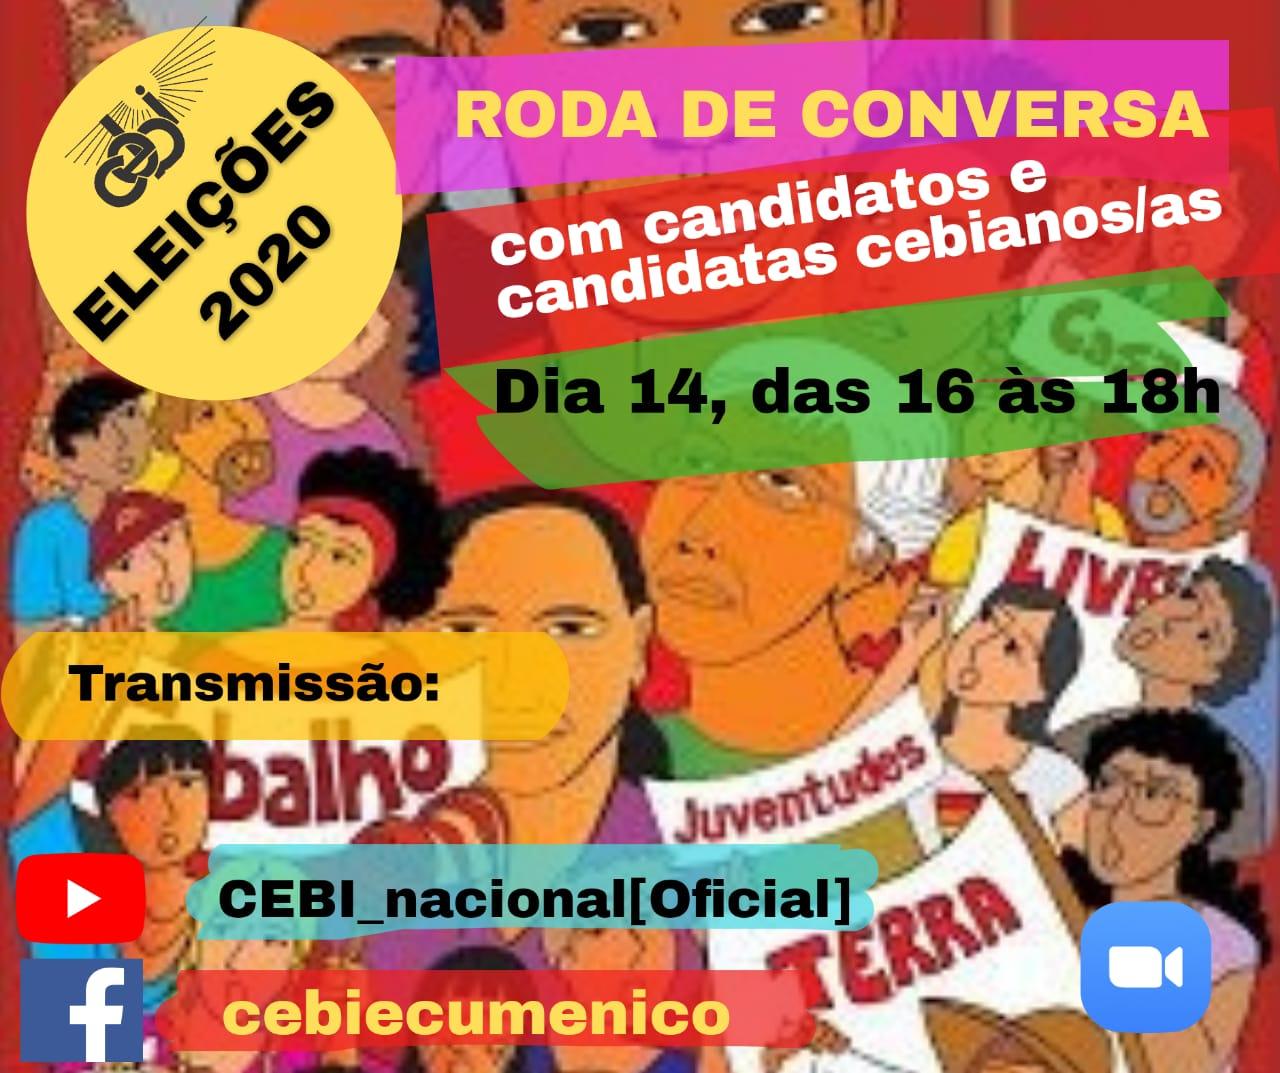 ELEIÇÕES 2020 –  CEBI Nacional realiza roda de conversa com candidatos e candidatas cebianos(as)